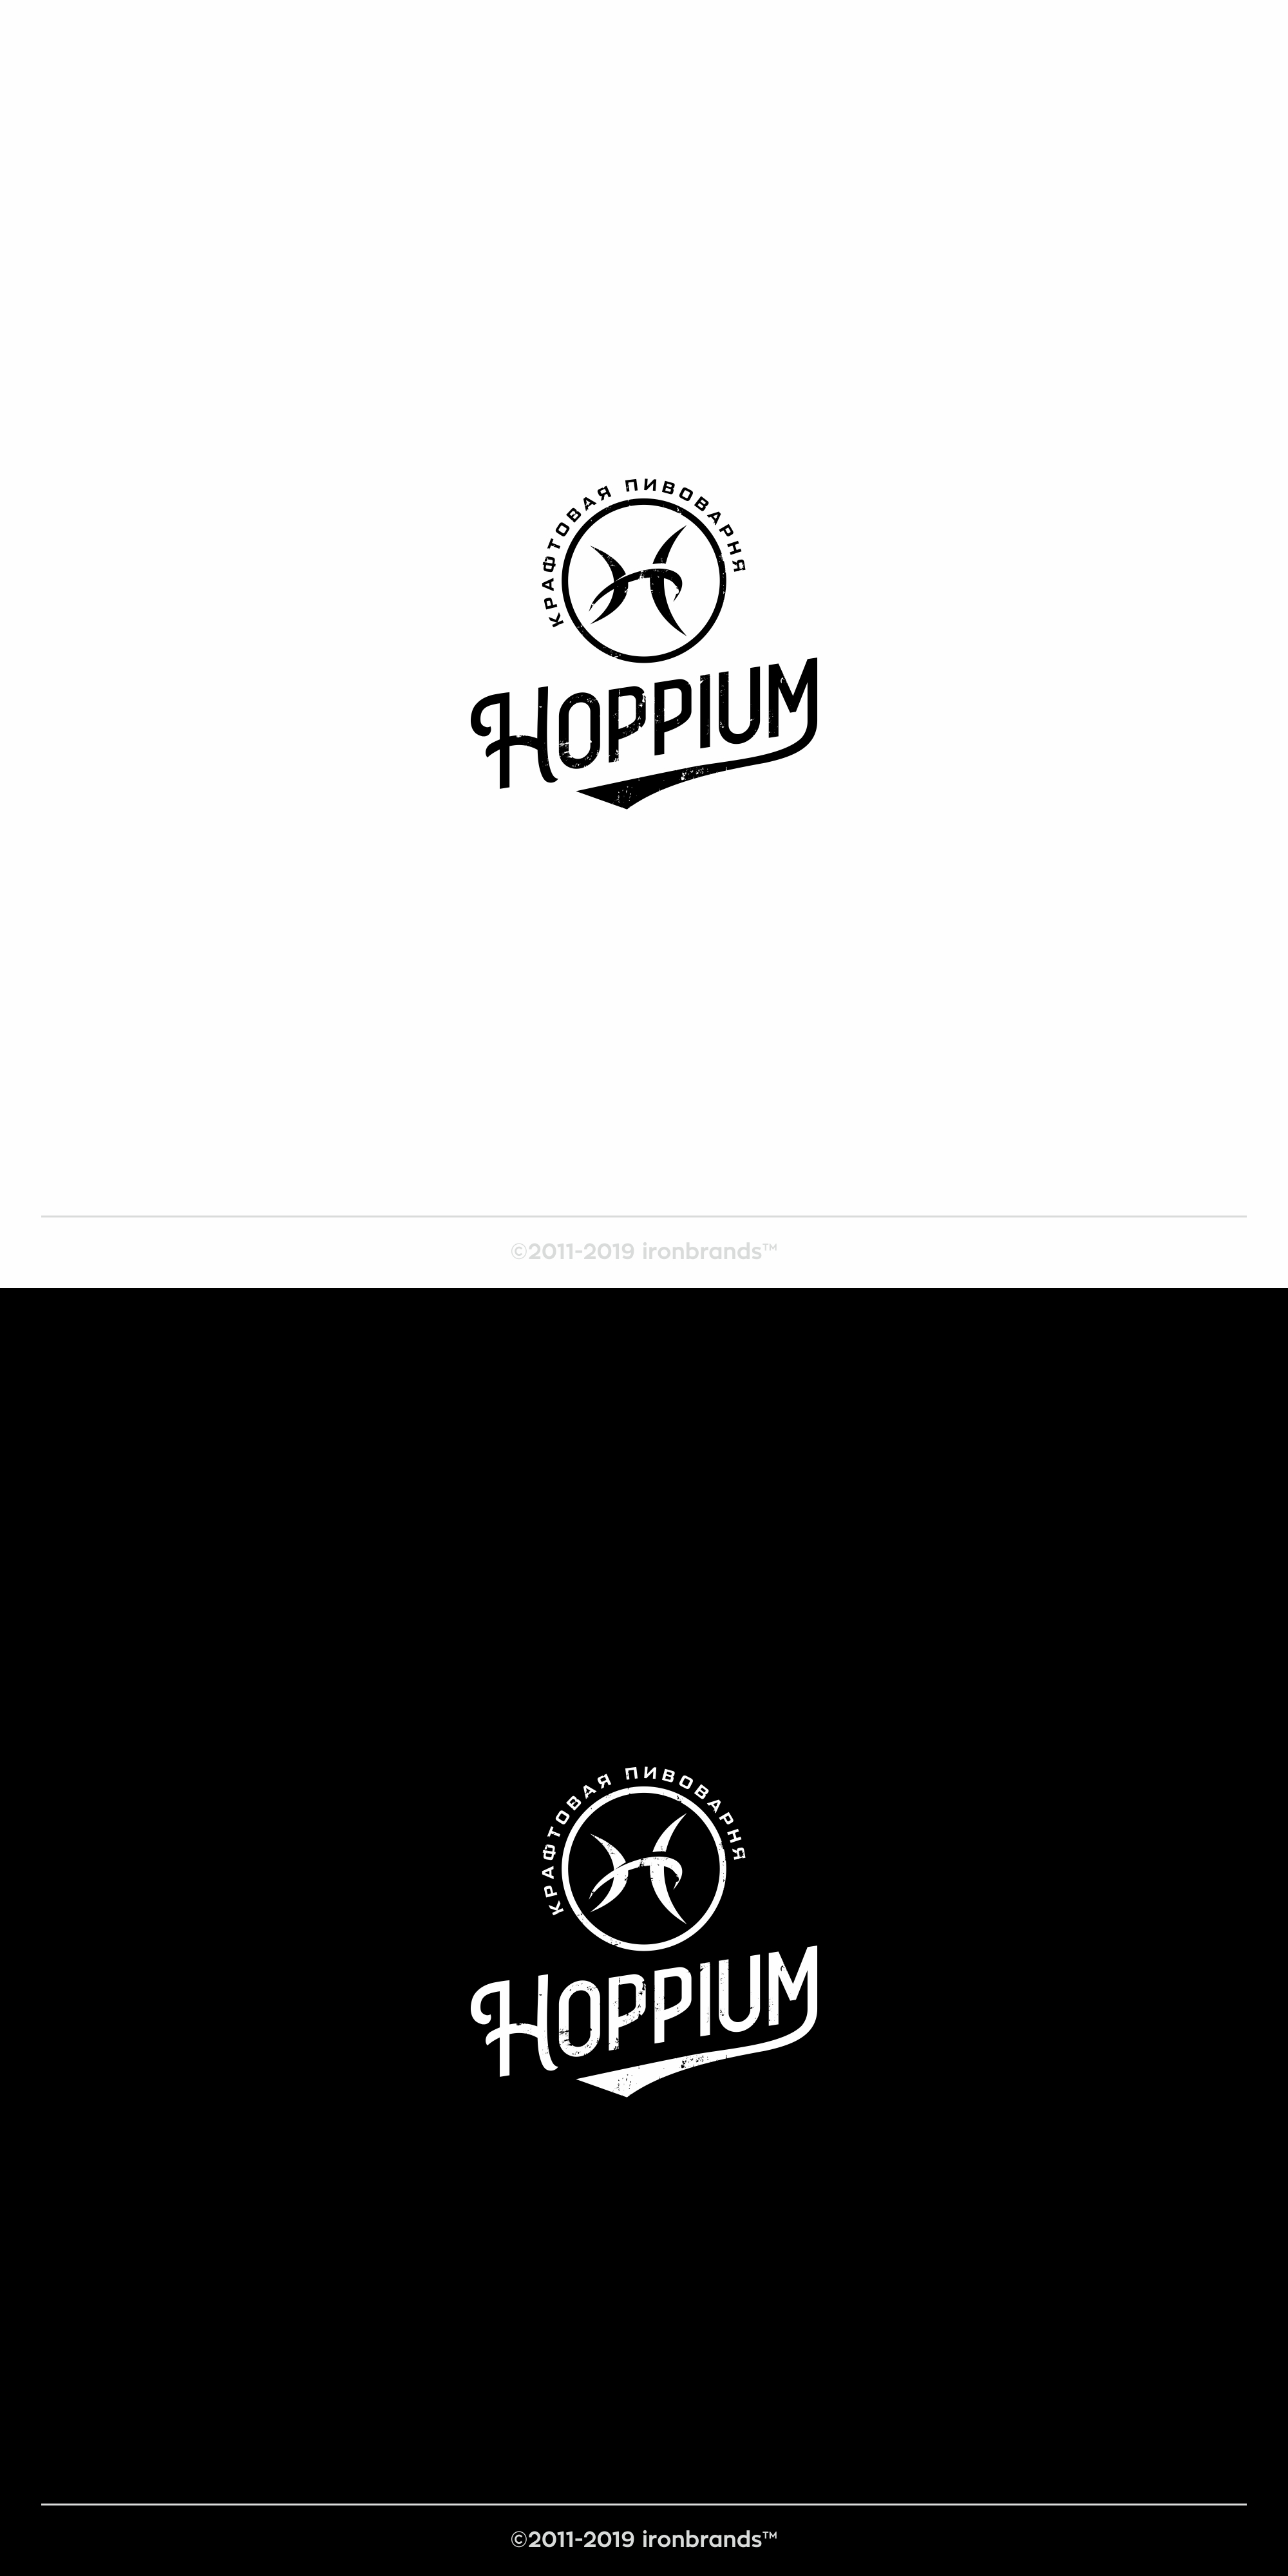 Логотип + Ценники для подмосковной крафтовой пивоварни фото f_2325dc53215c2ee3.jpg